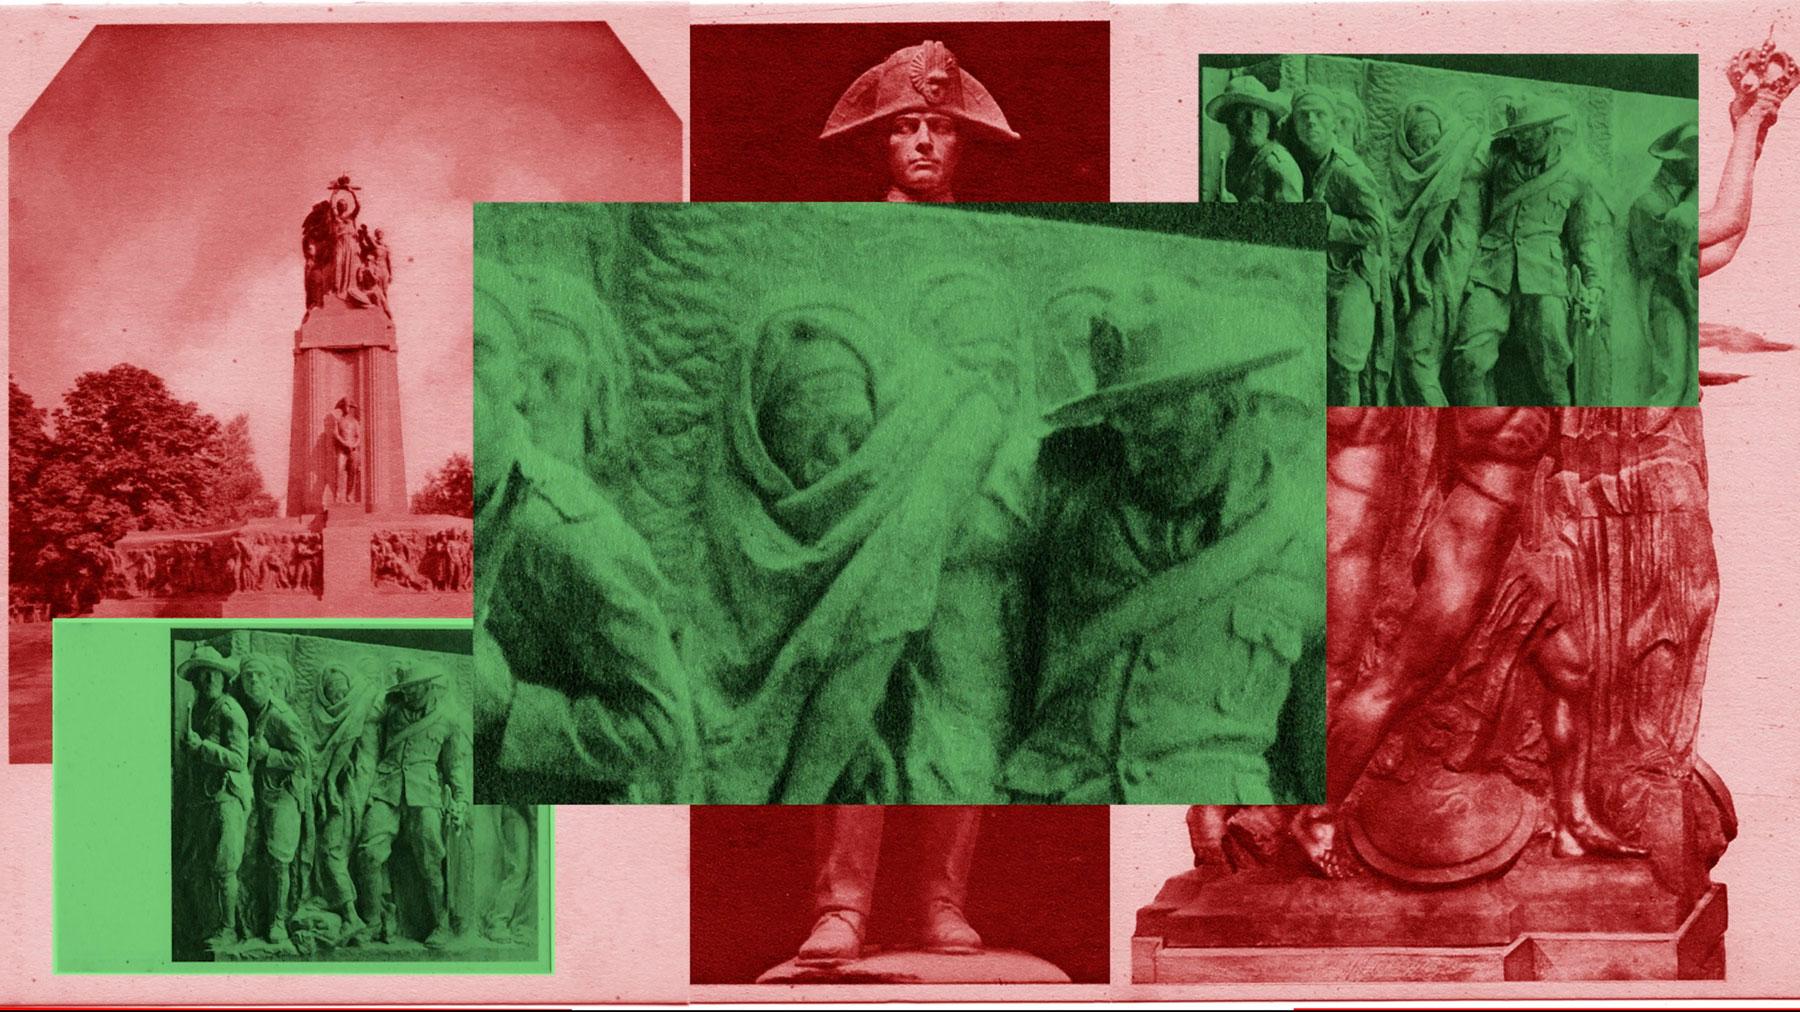 Alla Fondazione Sandretto una mostra su decolonializzazione ed eredità post-coloniale